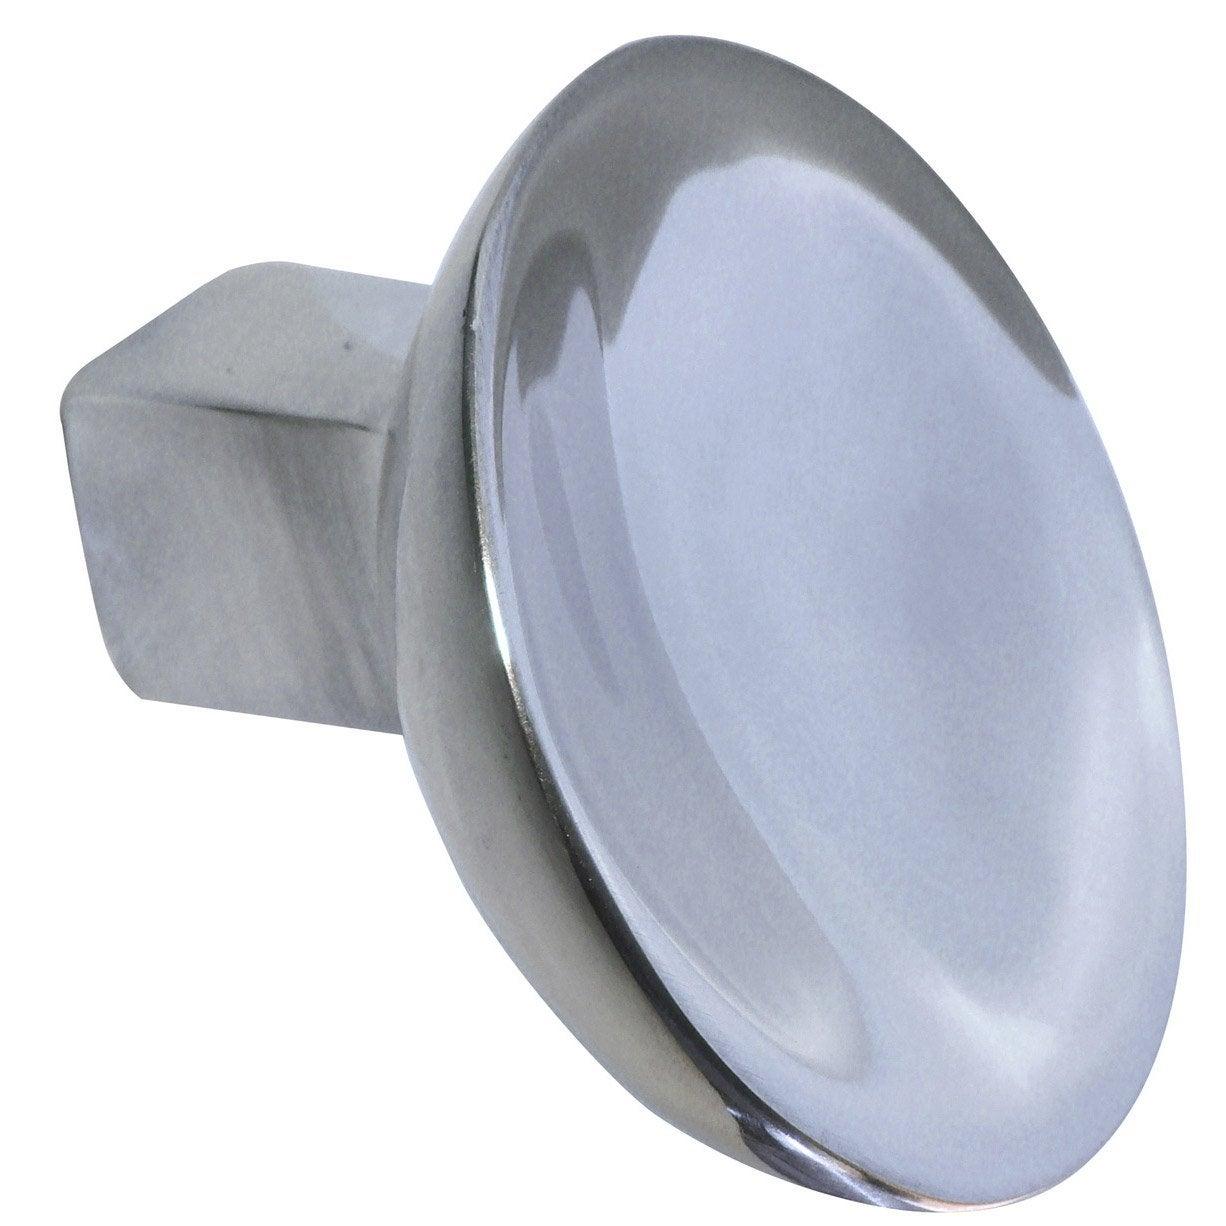 Bouton De Meuble En Aluminium Poli S Rie Assiette Leroy